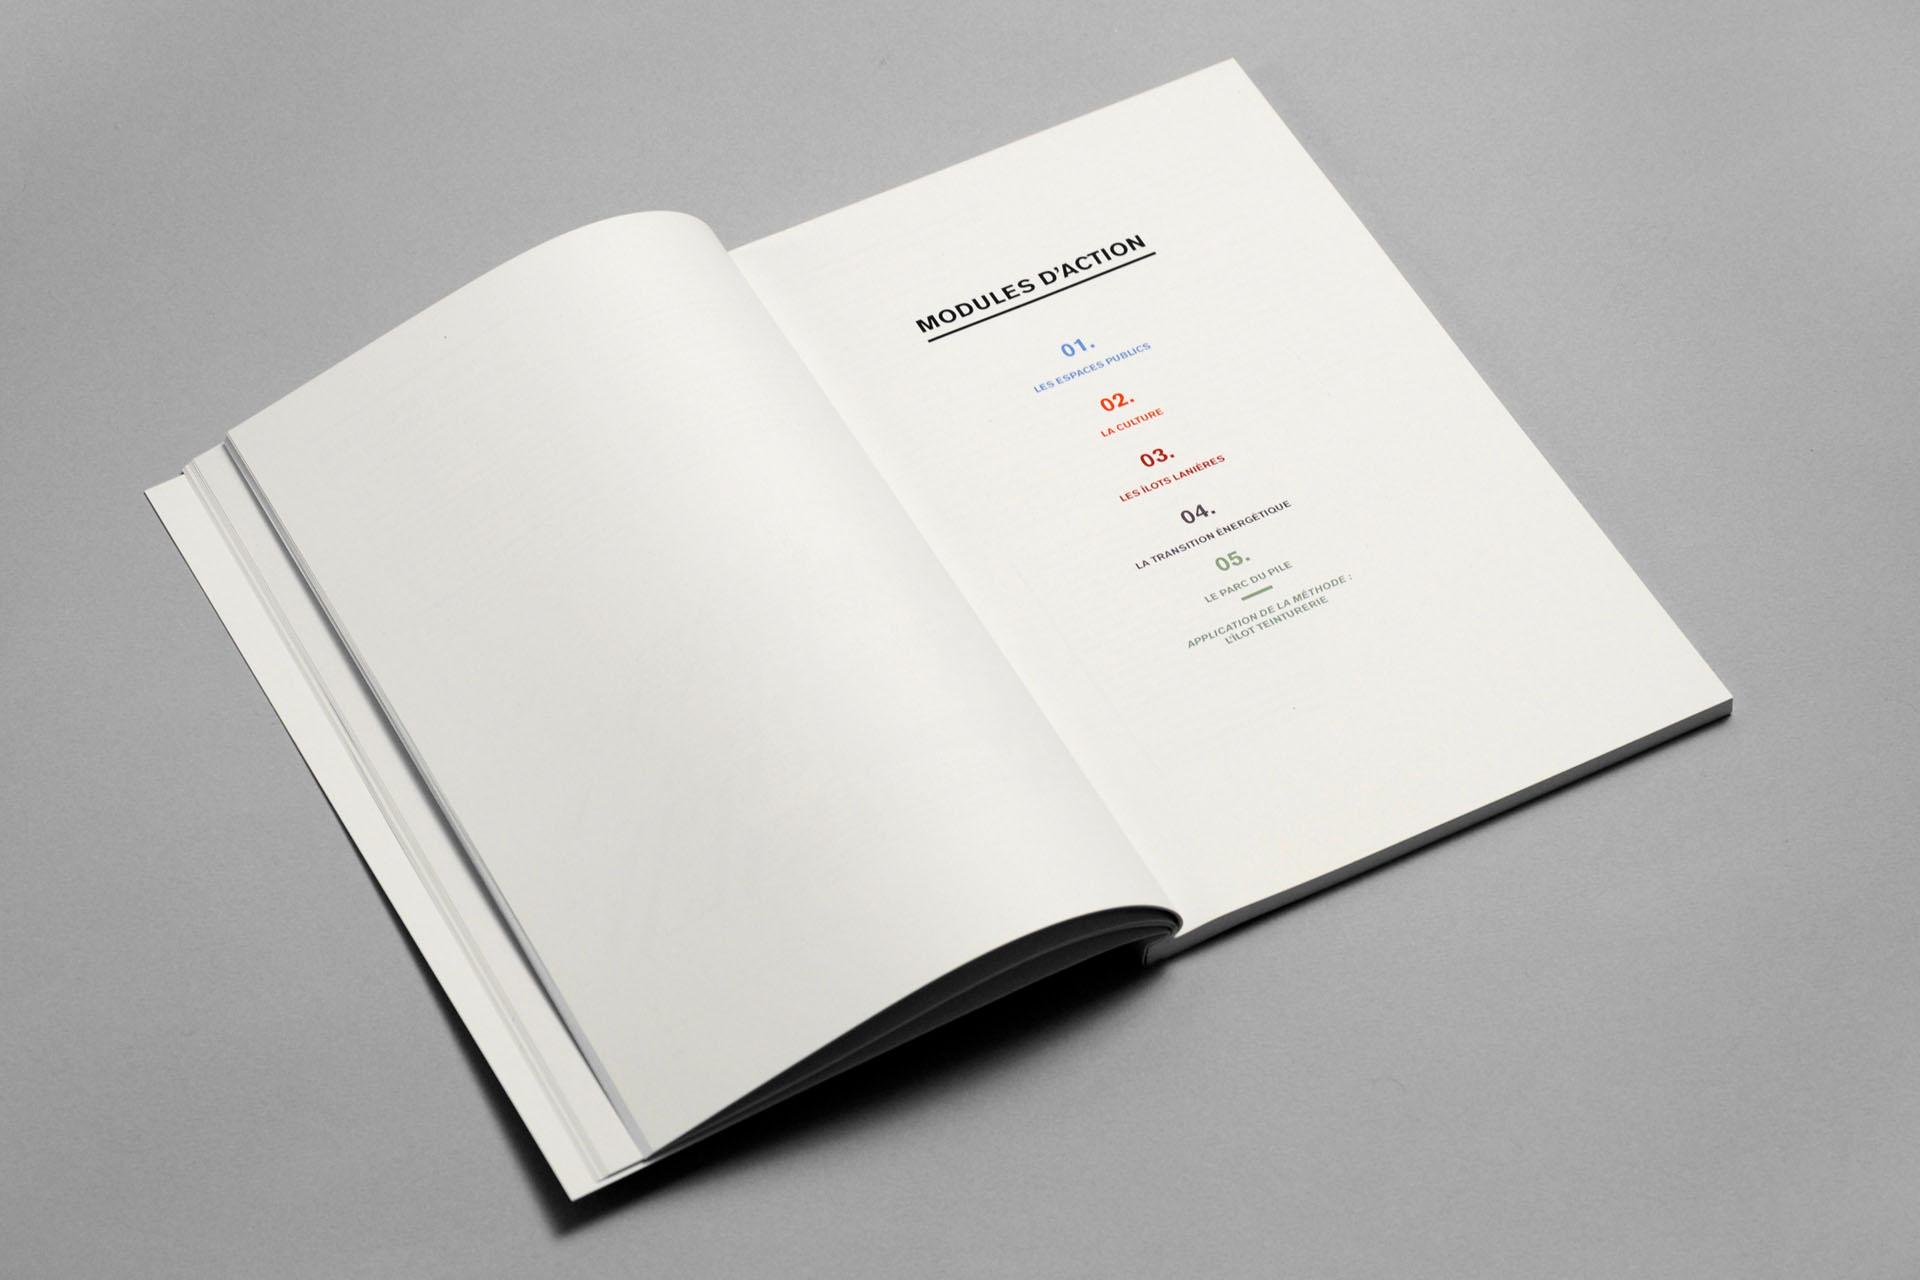 Pile-graphisme-plastac-livre-03